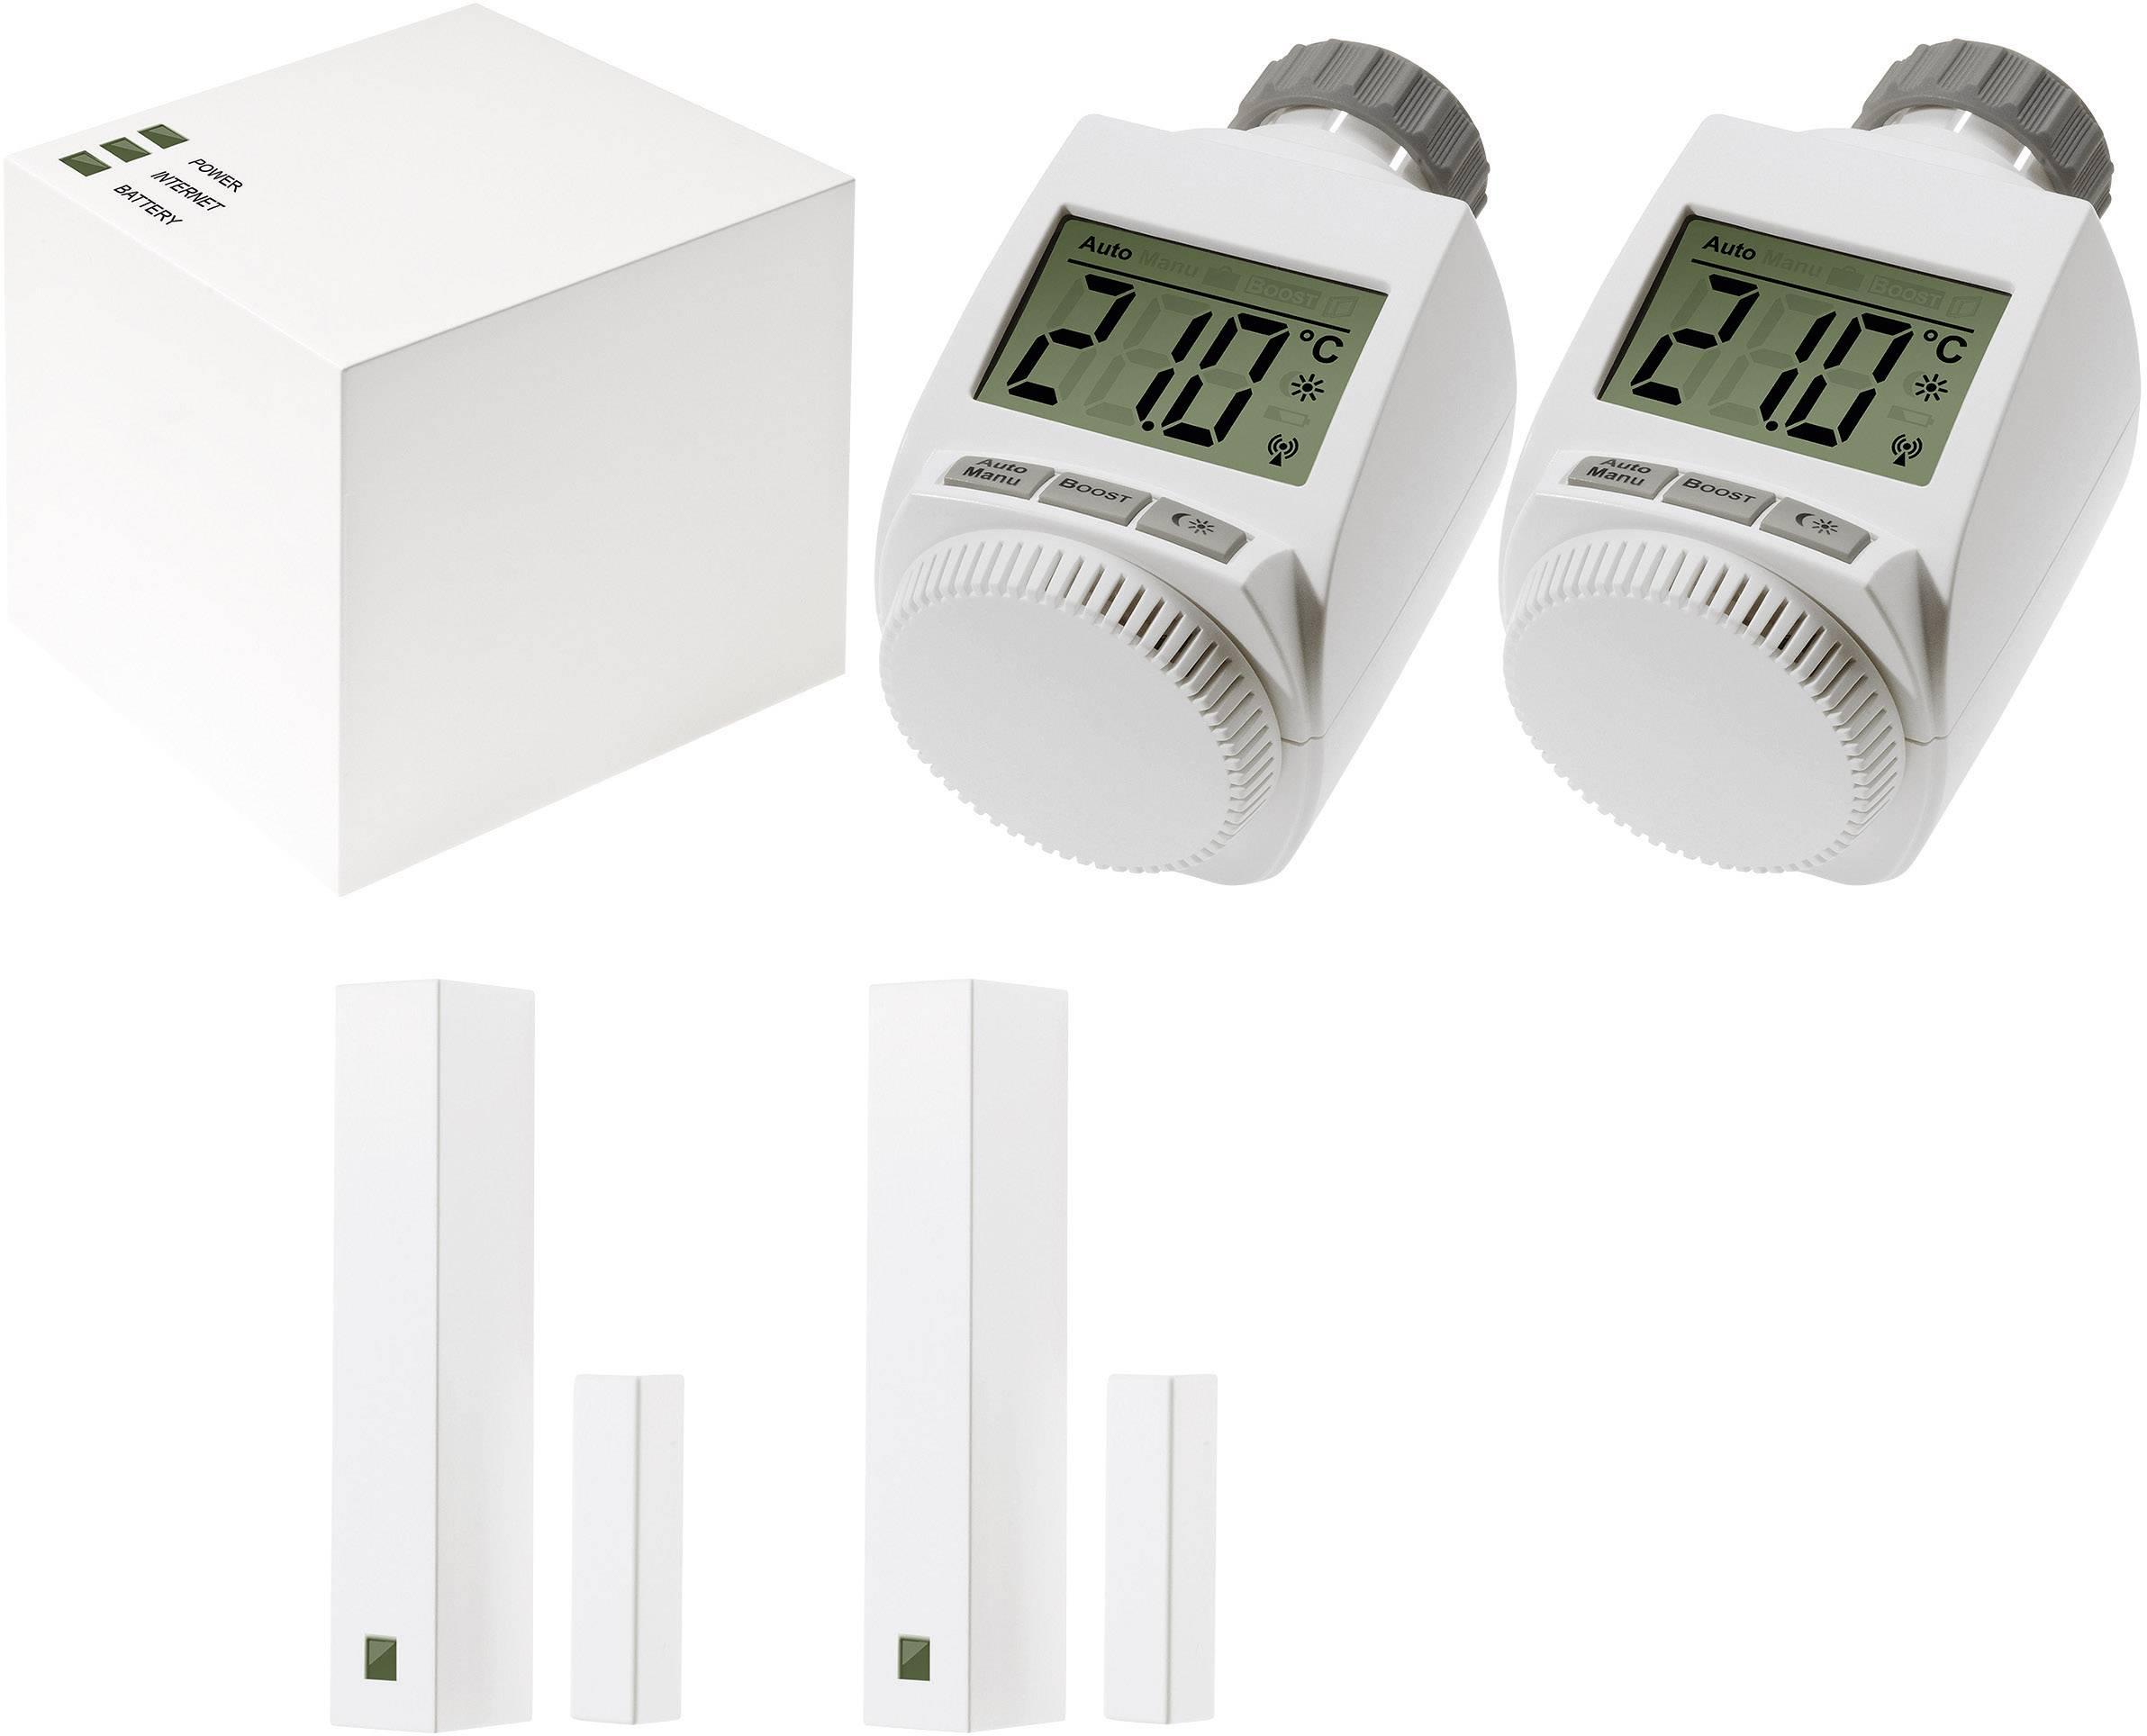 Ovládajte vykurovanie svojho domu bezdrôtovo so systémom MAX!